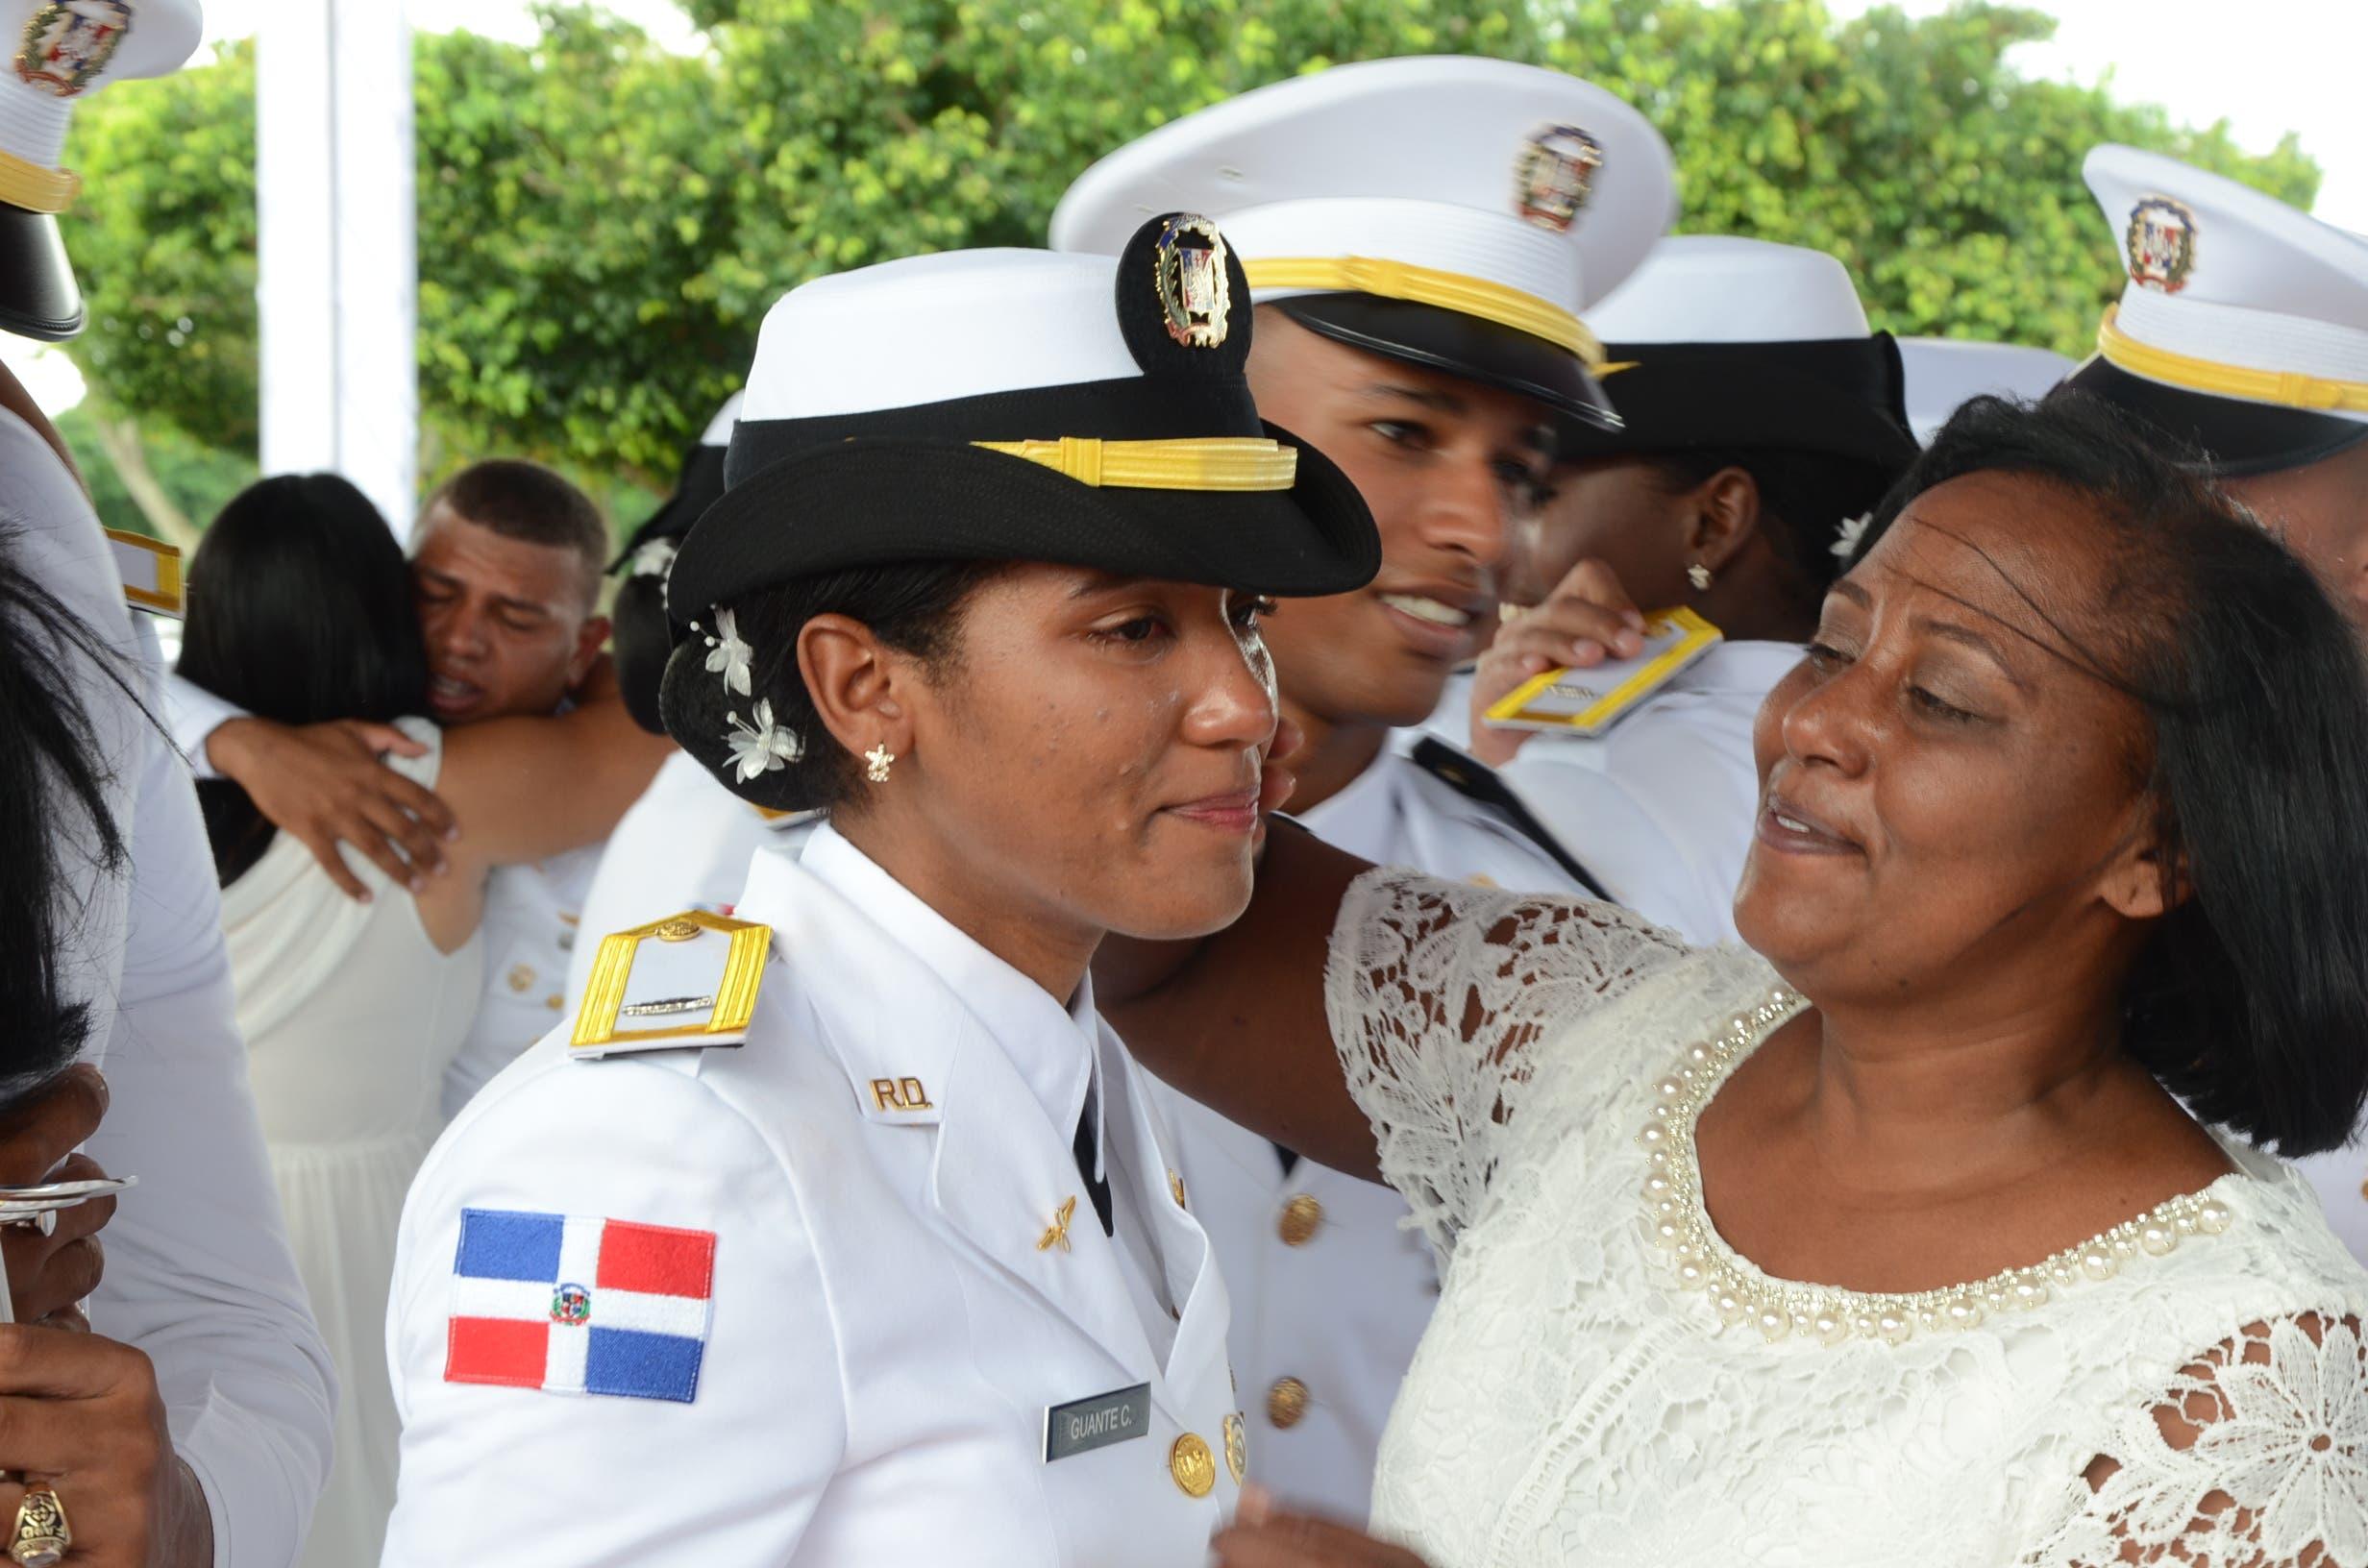 La Fuerza Aérea Dominicana graduó 31 nuevos oficiales,donde el presidente Danilo Medina, entregó sables de mando a cada graduado/ foto José de León.